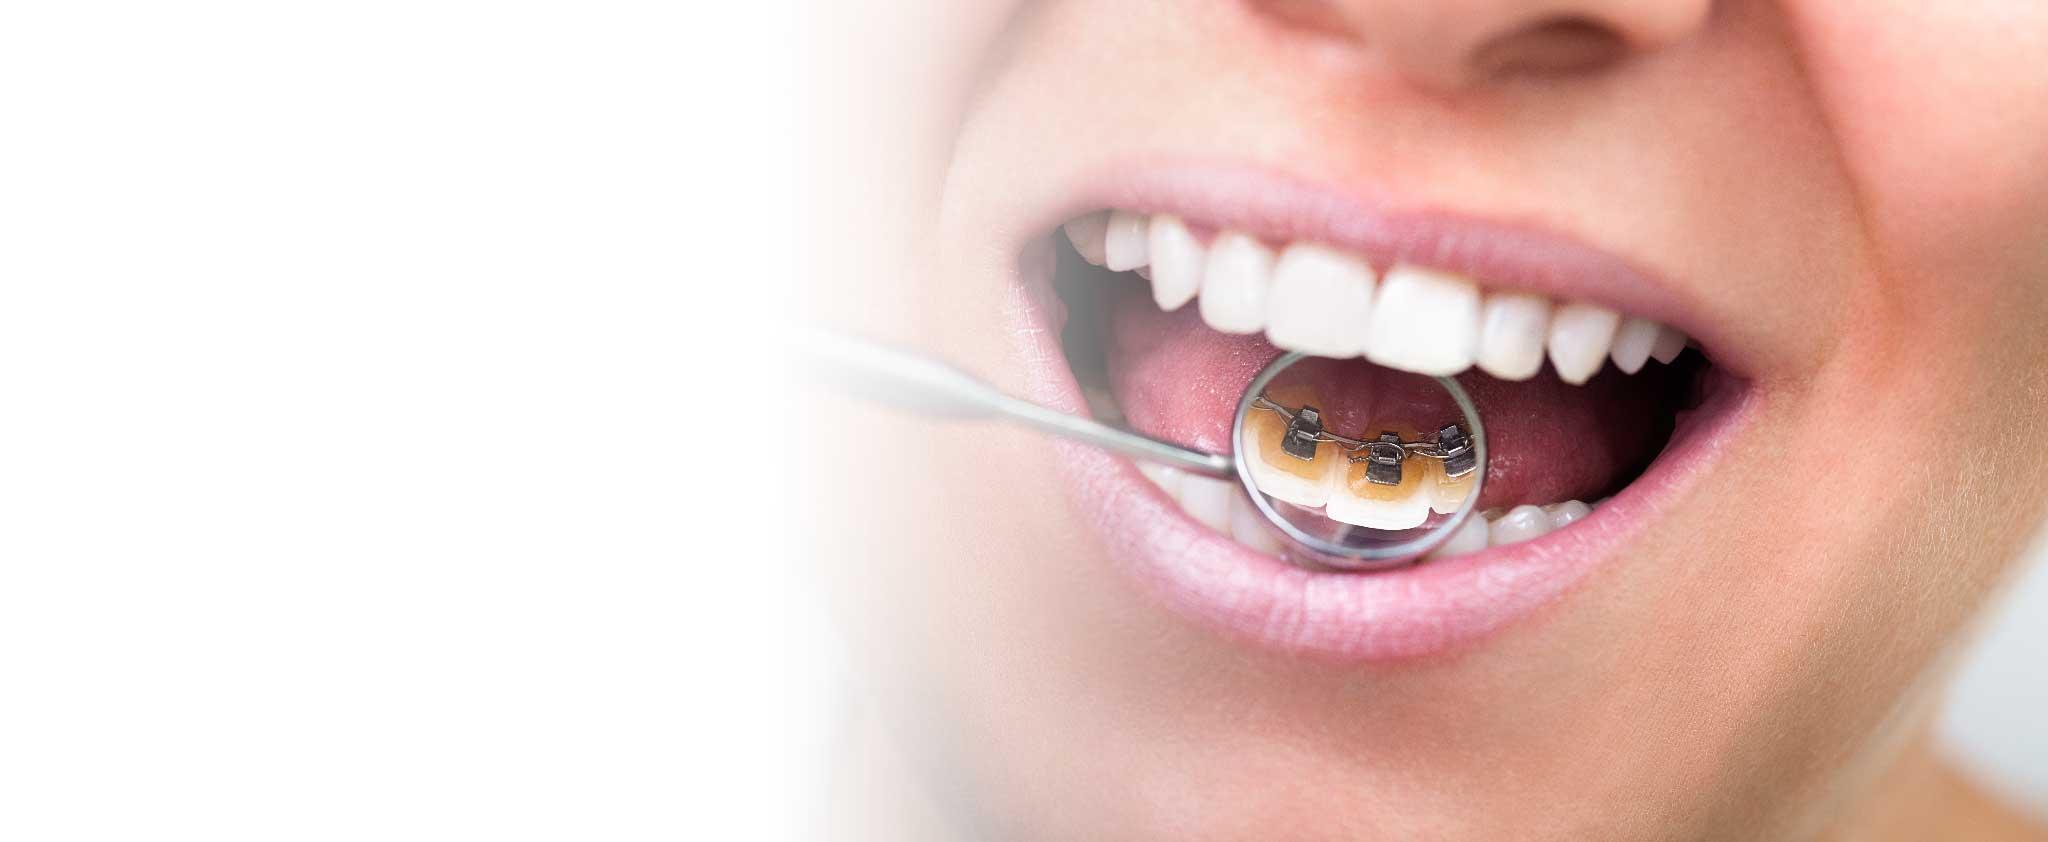 Lingual Braces - Teeth In Line